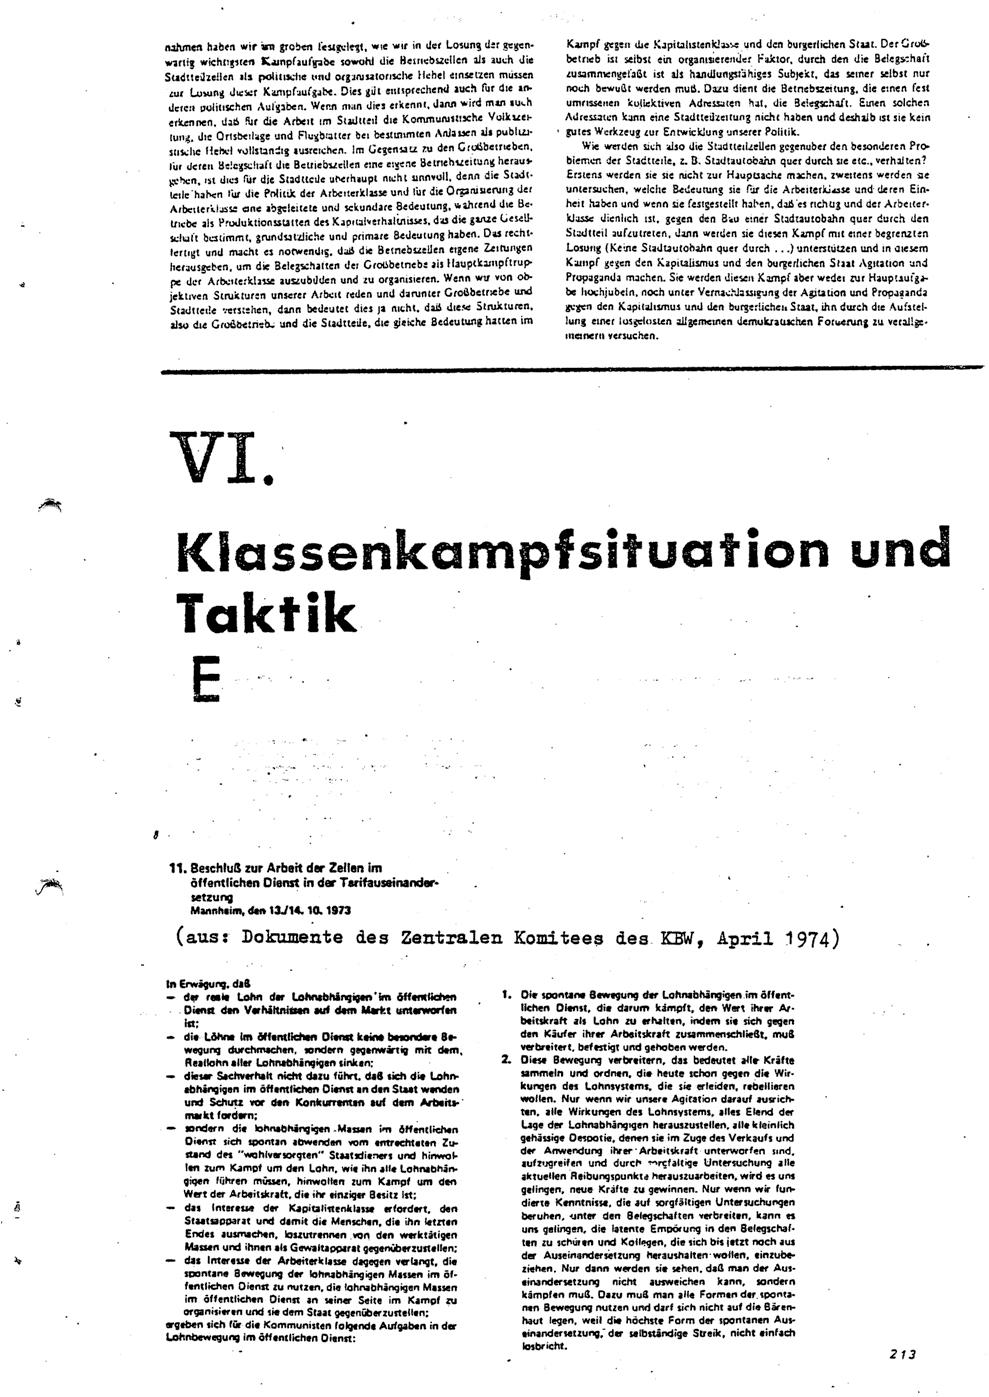 KABRW_Arbeitshefte_1978_31_093